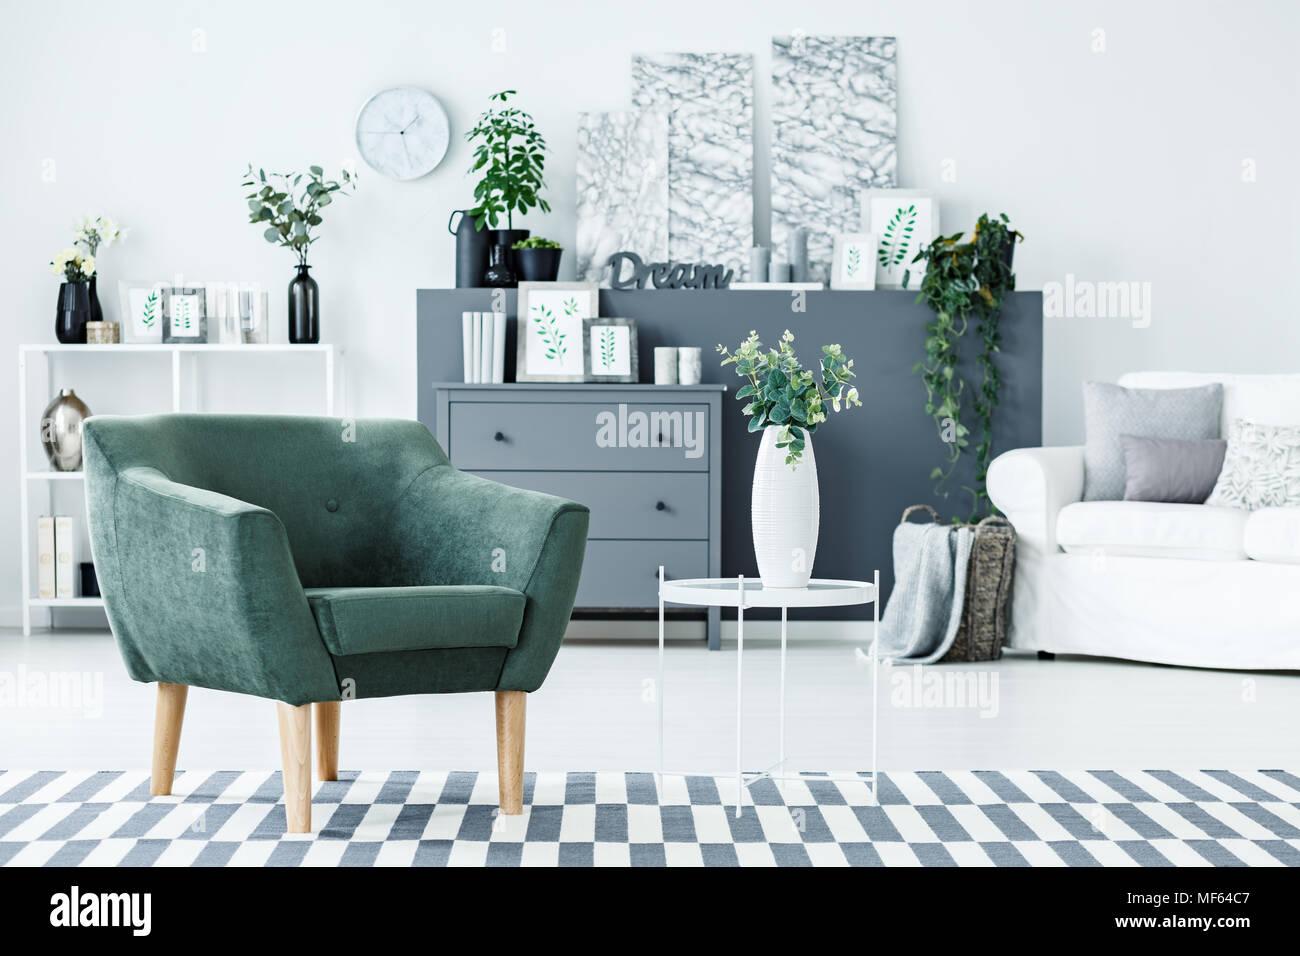 Grüne Sessel stehend auf dem Teppich im hellen Wohnzimmer Interieur ...